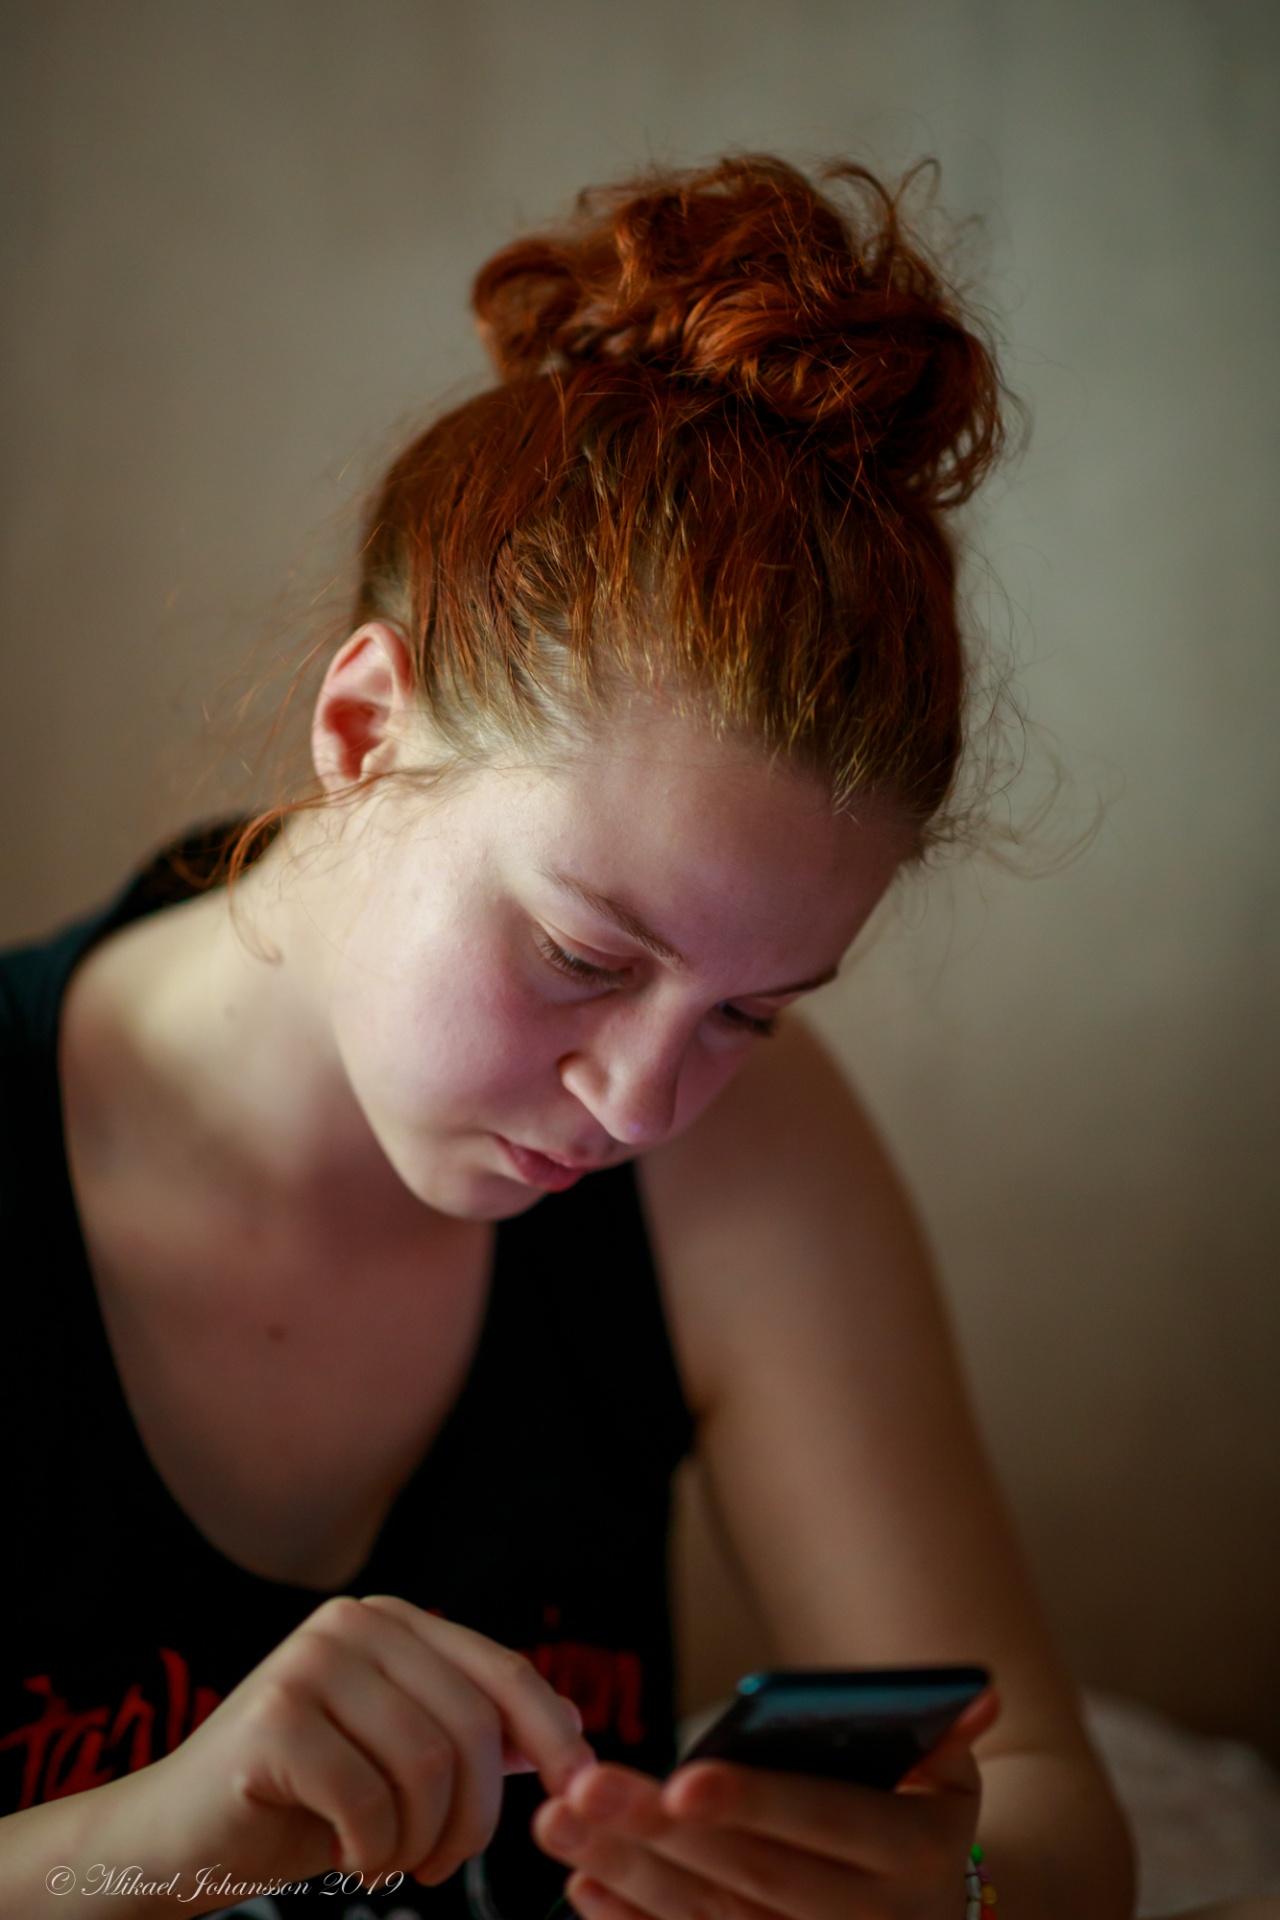 Julia Johansson